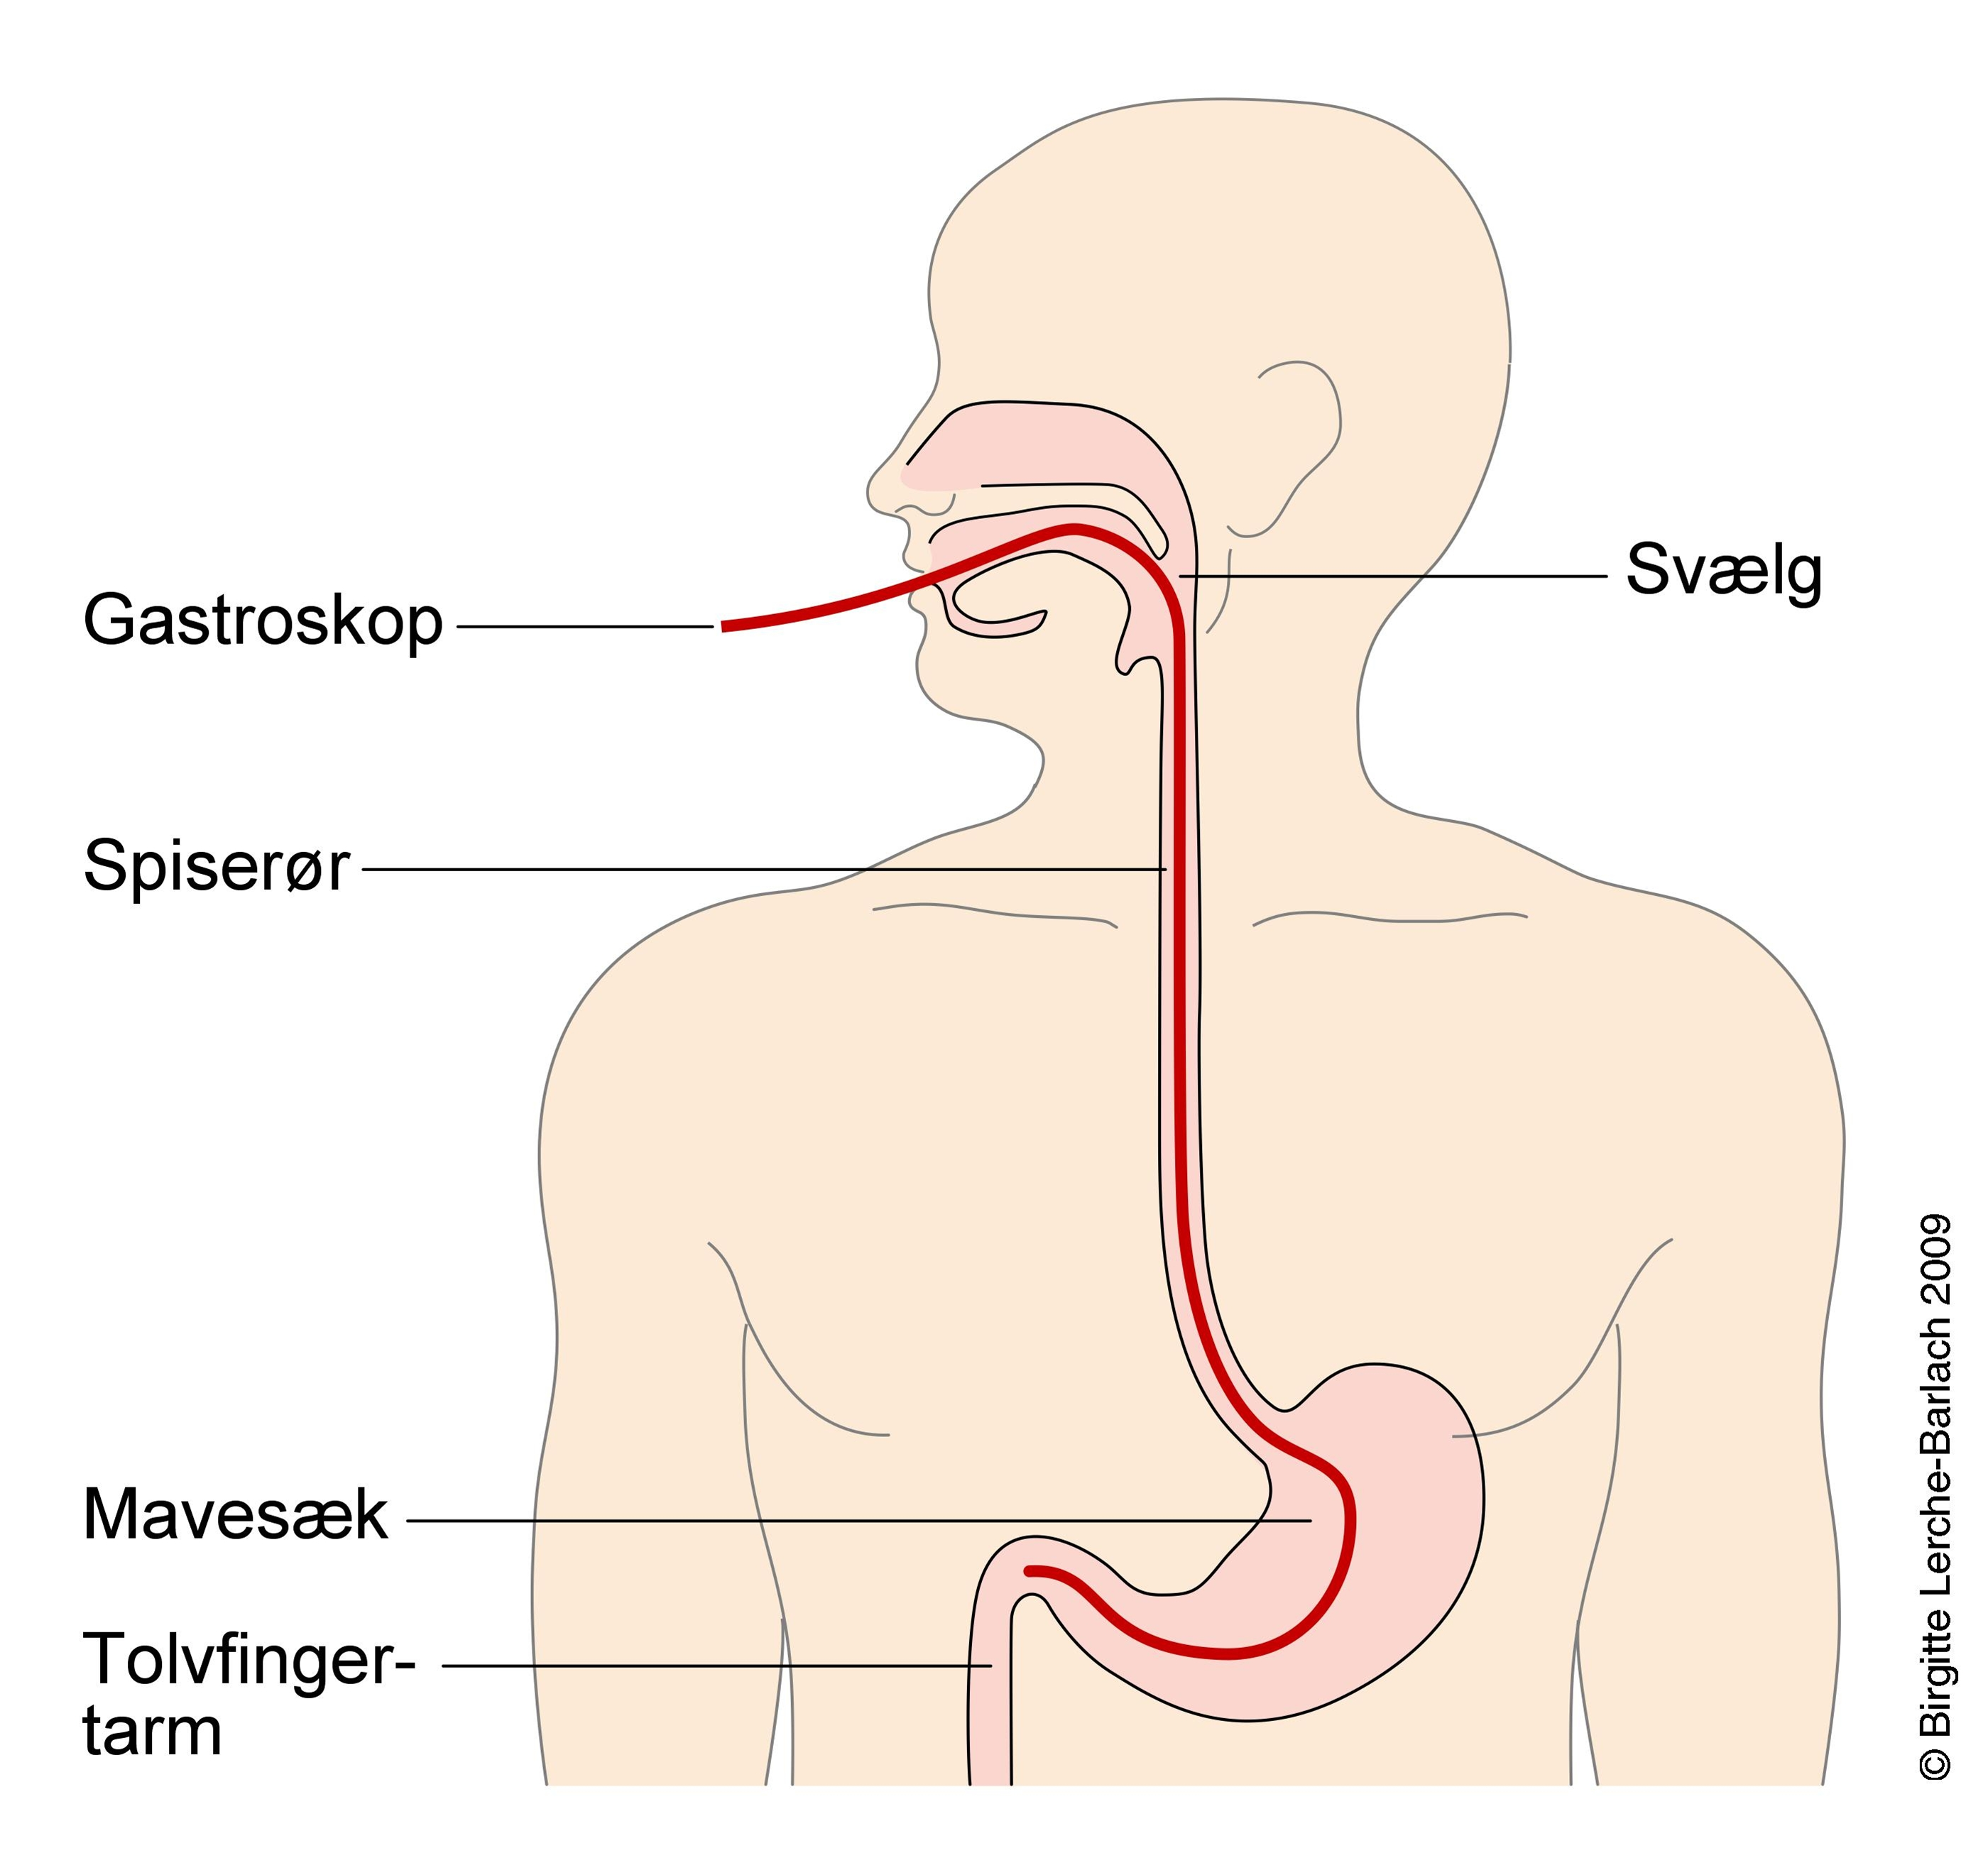 borger patienthaandbogen mave og tarm sygdomme spiseroer gastrooesofageal reflukssygdom